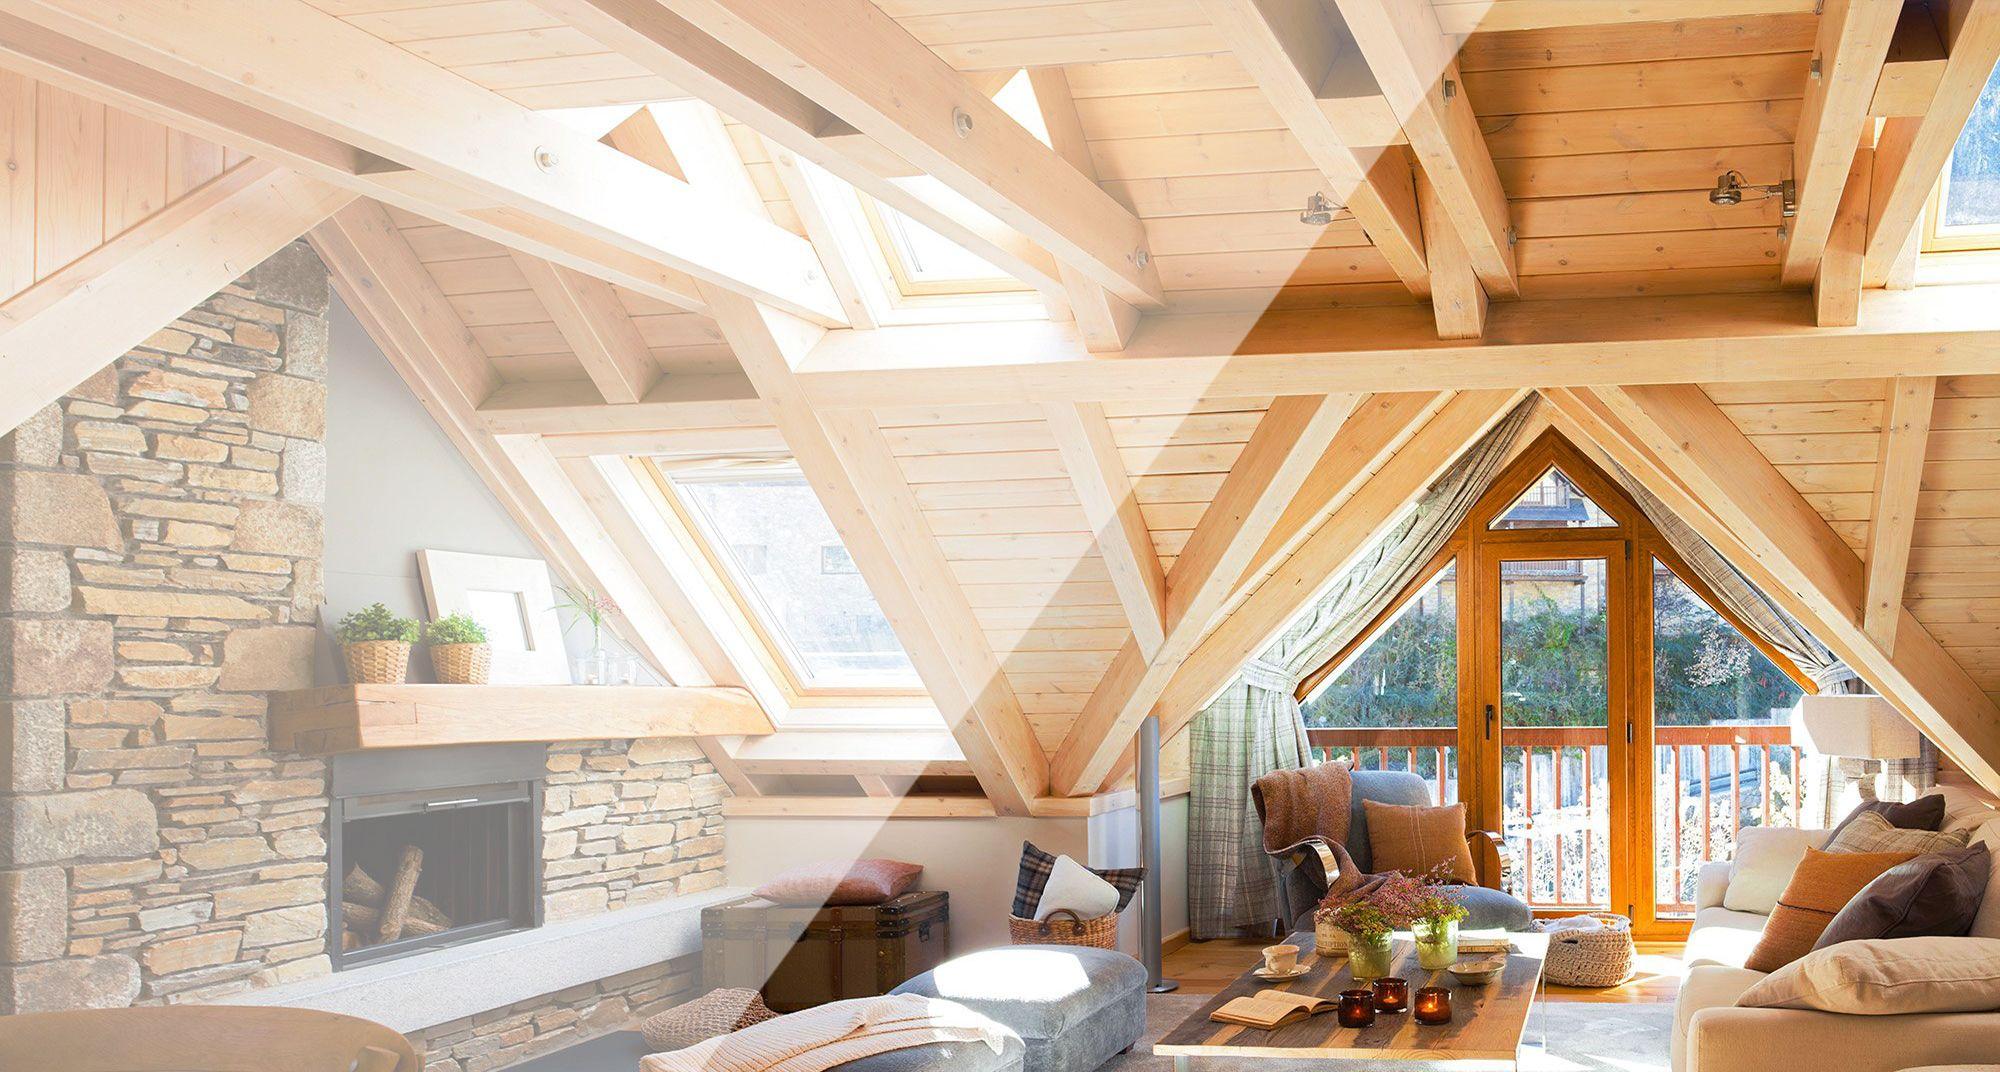 Amore legnami srl tetti in legno strutture in legno for Amore legnami